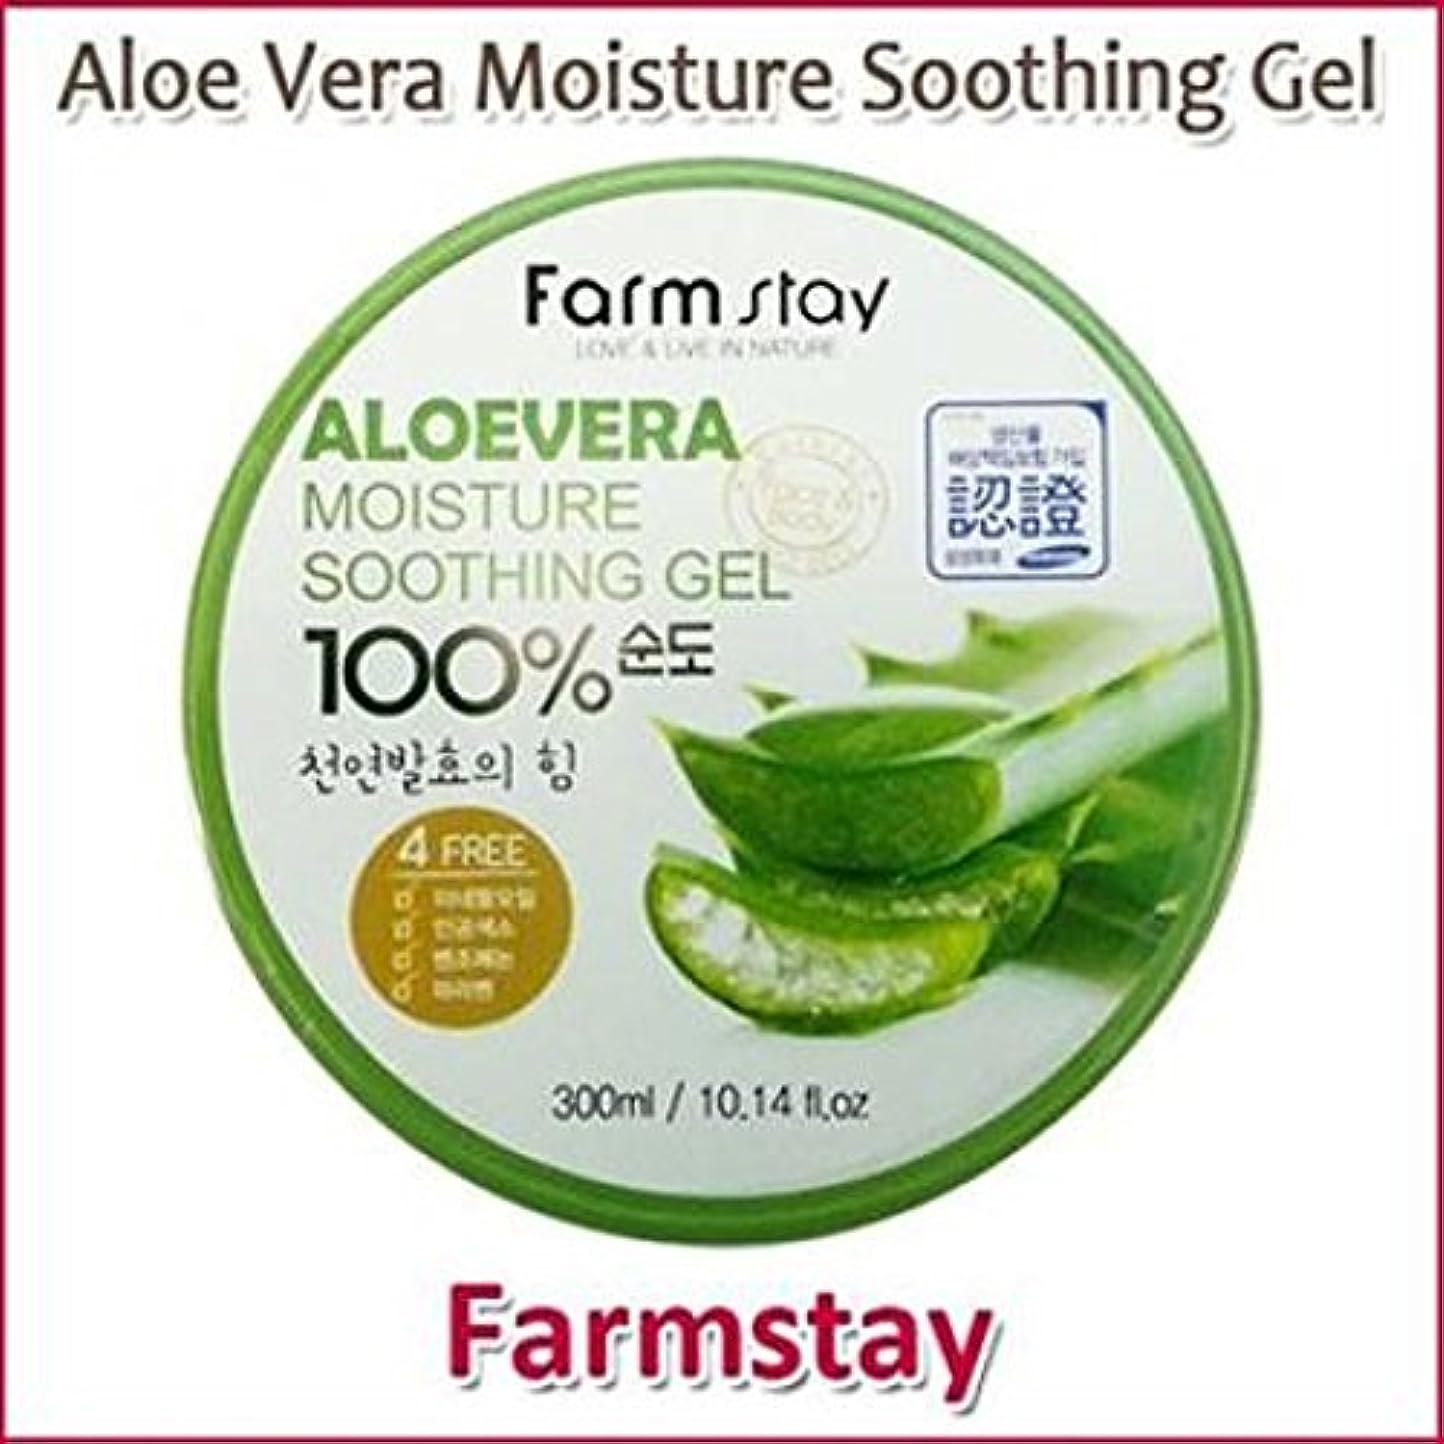 舞い上がるバンド時々Farm Stay Aloe Vera Moisture Soothing Gel 300ml /オーガニック アロエベラゲル 100%/保湿ケア/韓国コスメ/Aloe Vera 100% /Moisturizing [...